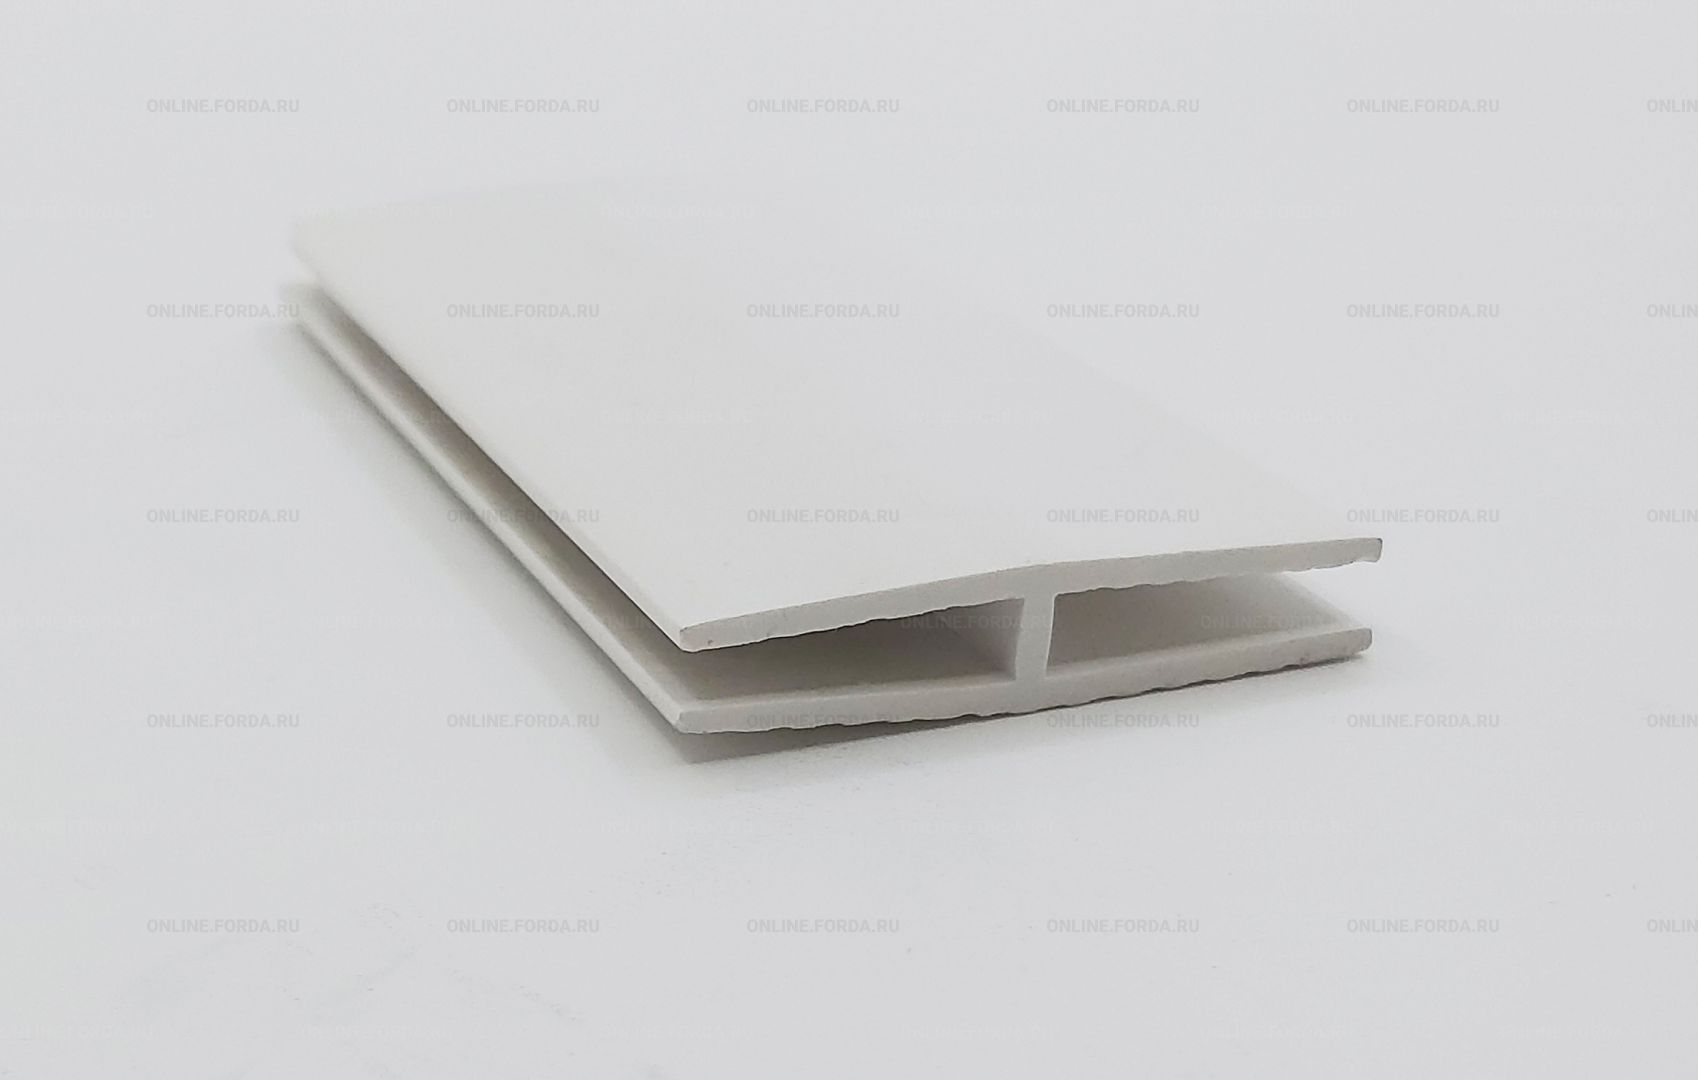 Профиль Н-образный 4 мм